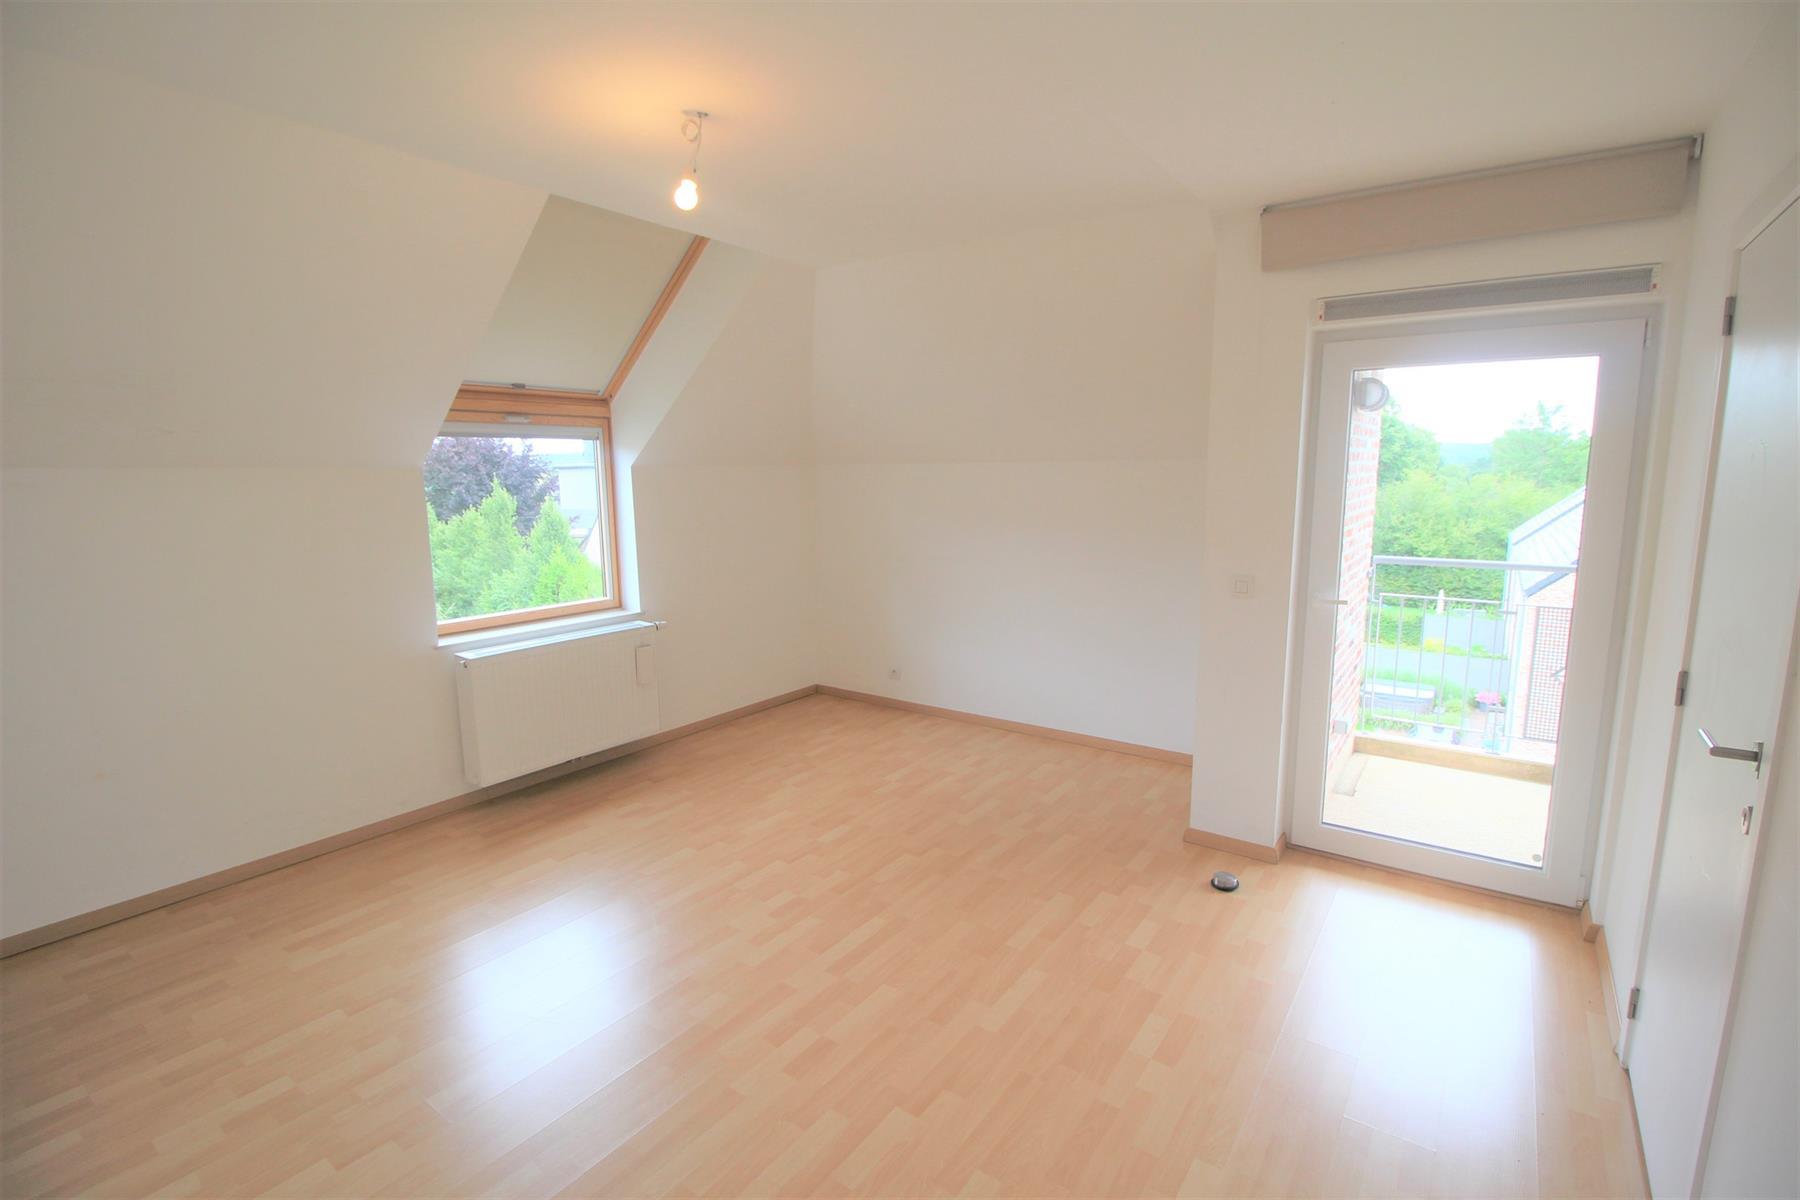 Appartement - Grez-Doiceau - #4163133-11